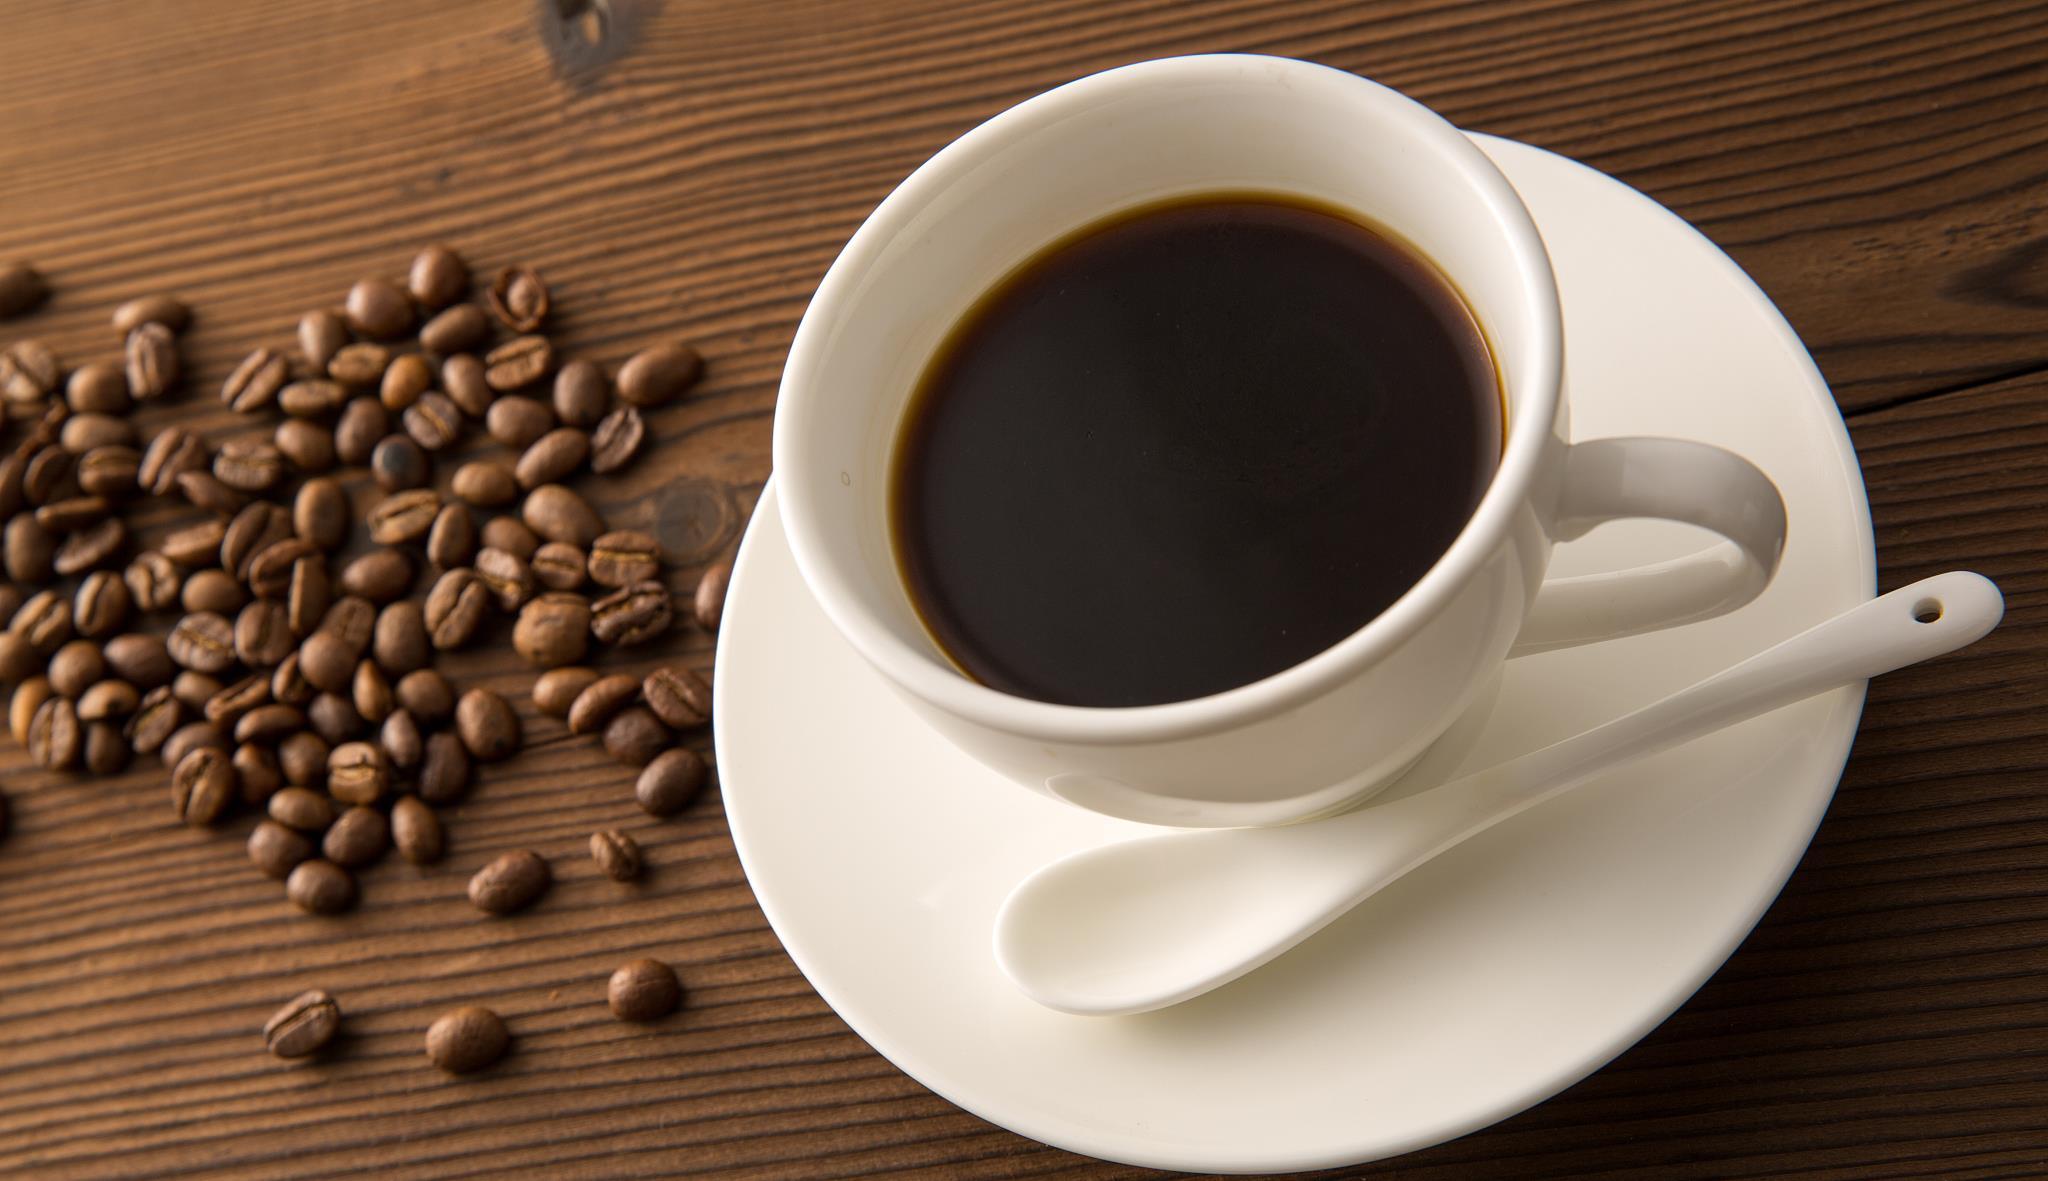 差点被美国资本搞破产,一年亏掉26亿后,国货咖啡品牌开始翻身